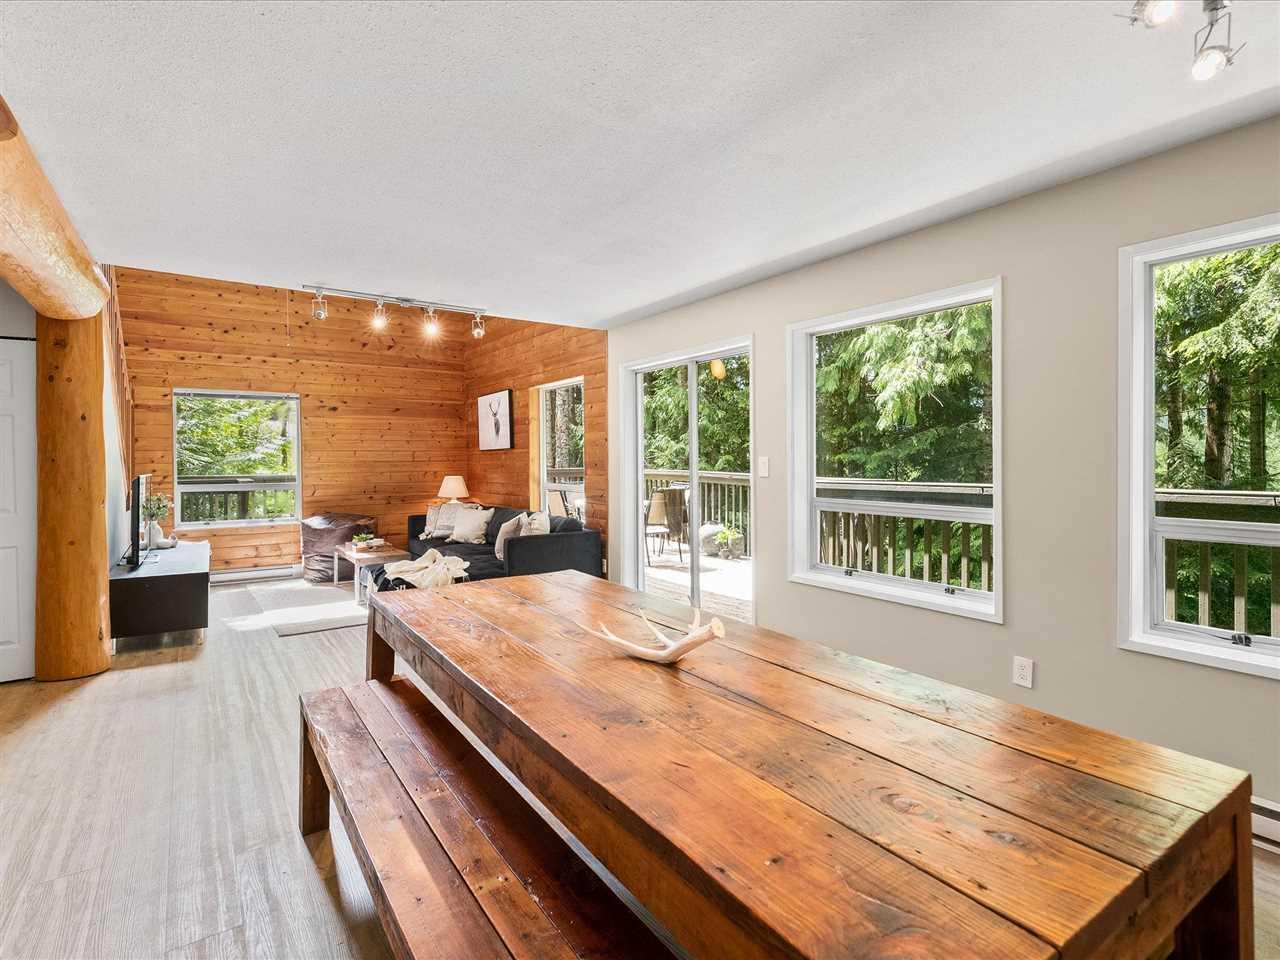 72 2222 BRANDYWINE WAY - Bayshores 1/2 Duplex for sale, 3 Bedrooms (R2591139) - #8